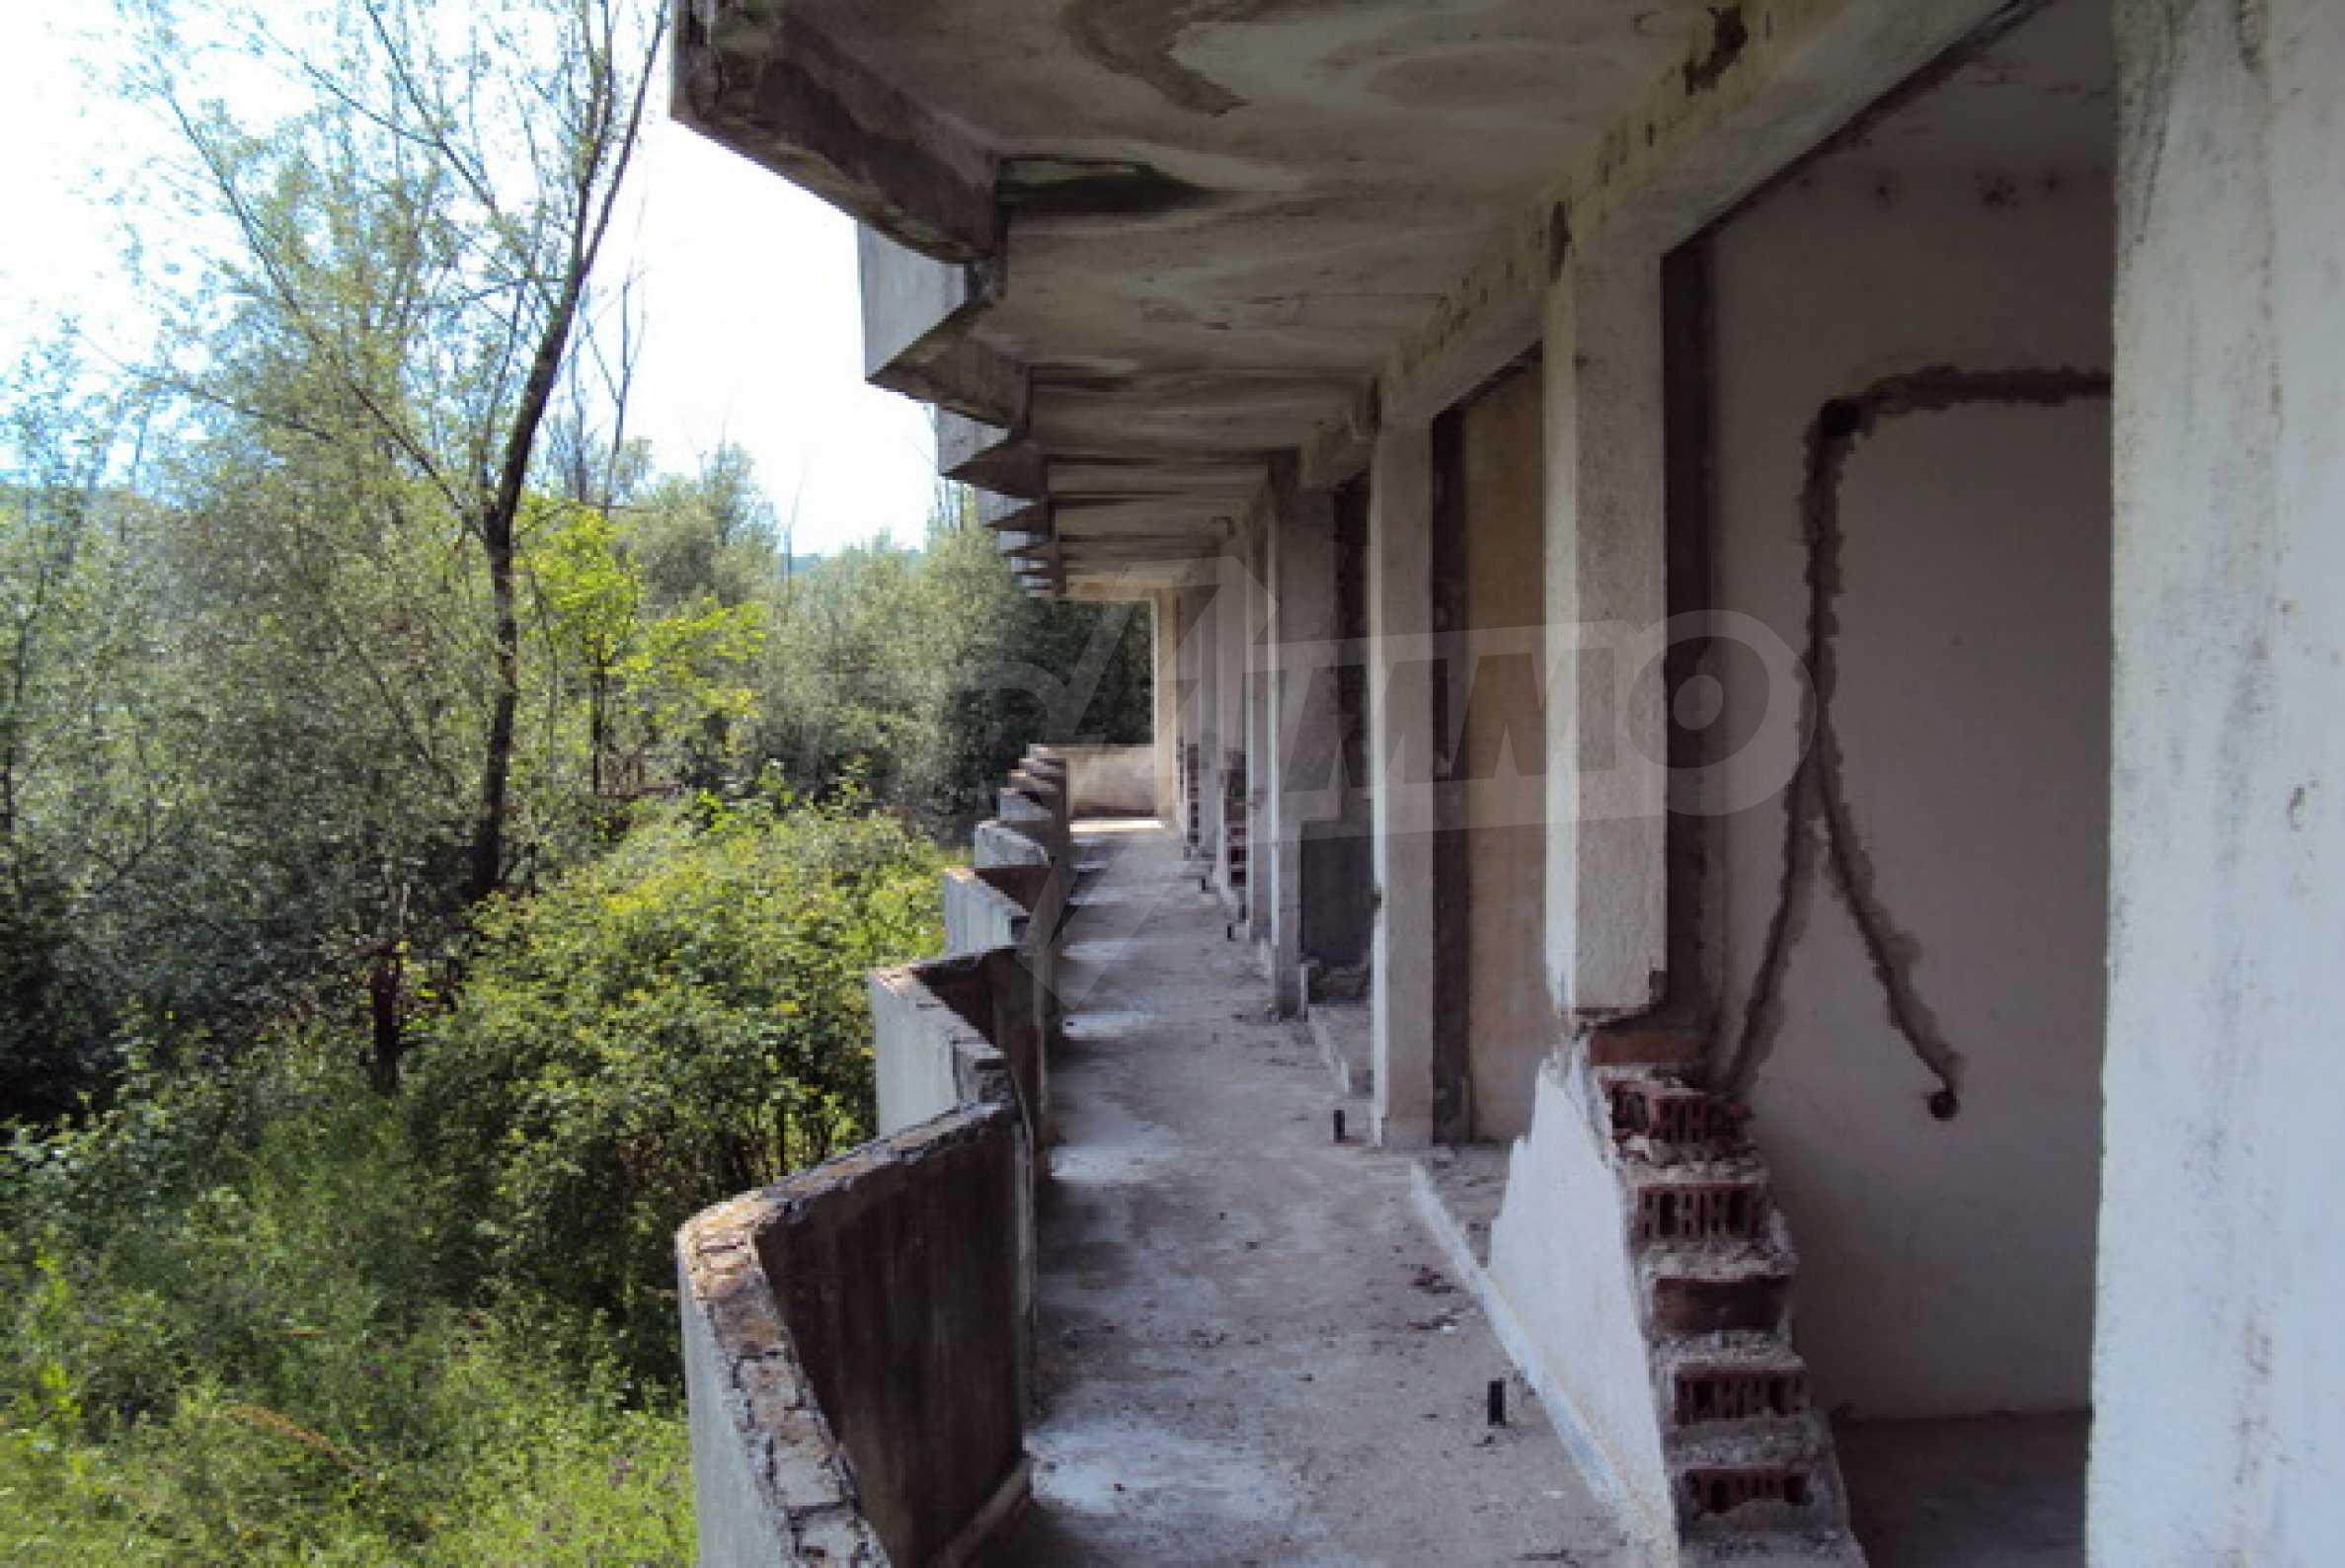 Продажа отеля/комплекса вблизи г. Велико Тырново 11